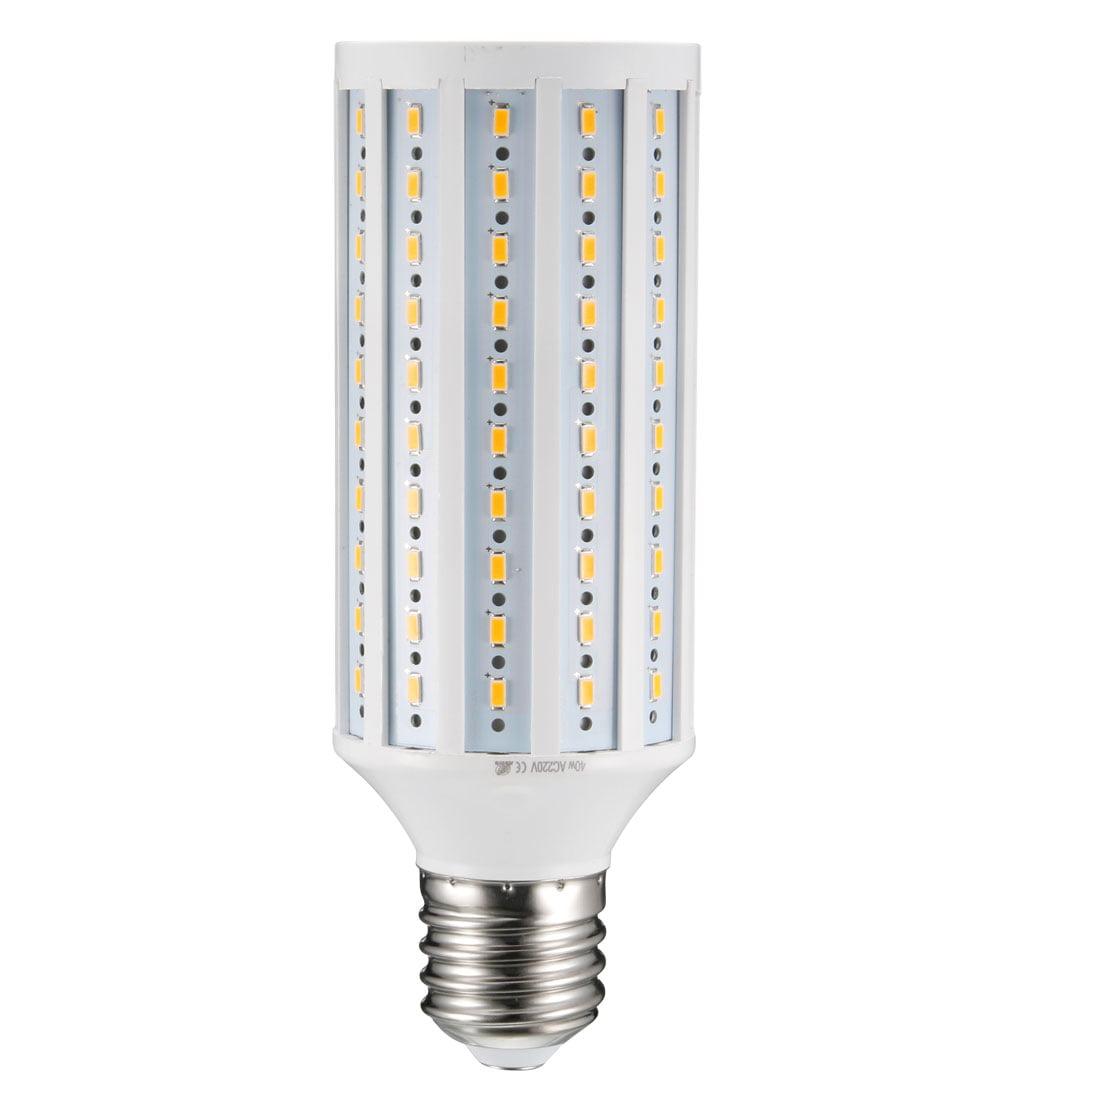 AC 220V 40W E40 Screw Base 150 LEDs SMD 5730 Warm White LED Corn Light Bulb - image 4 of 4